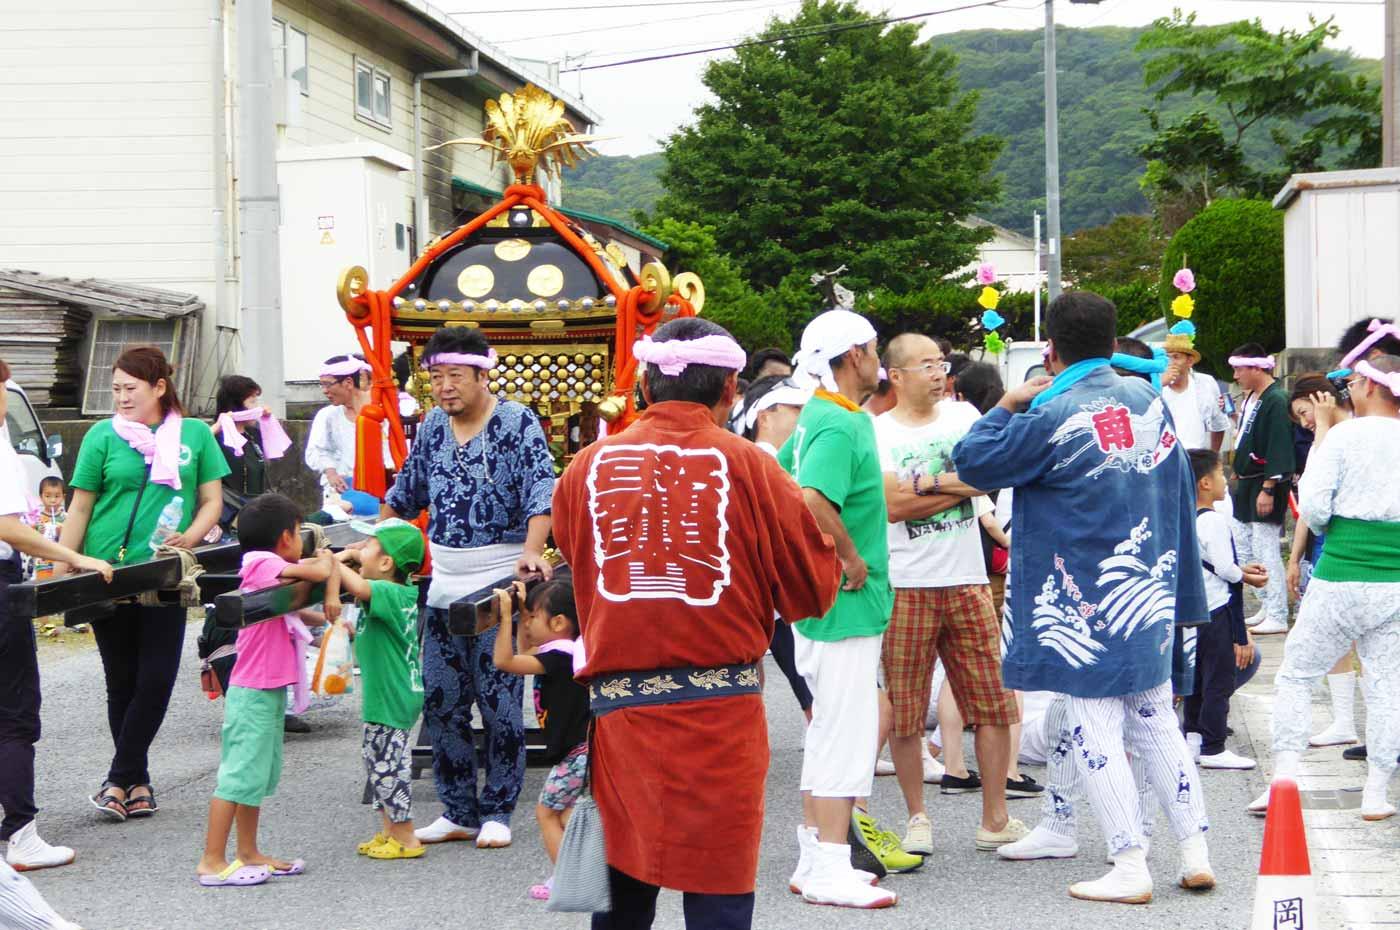 岡瀬田地区 八幡の神輿